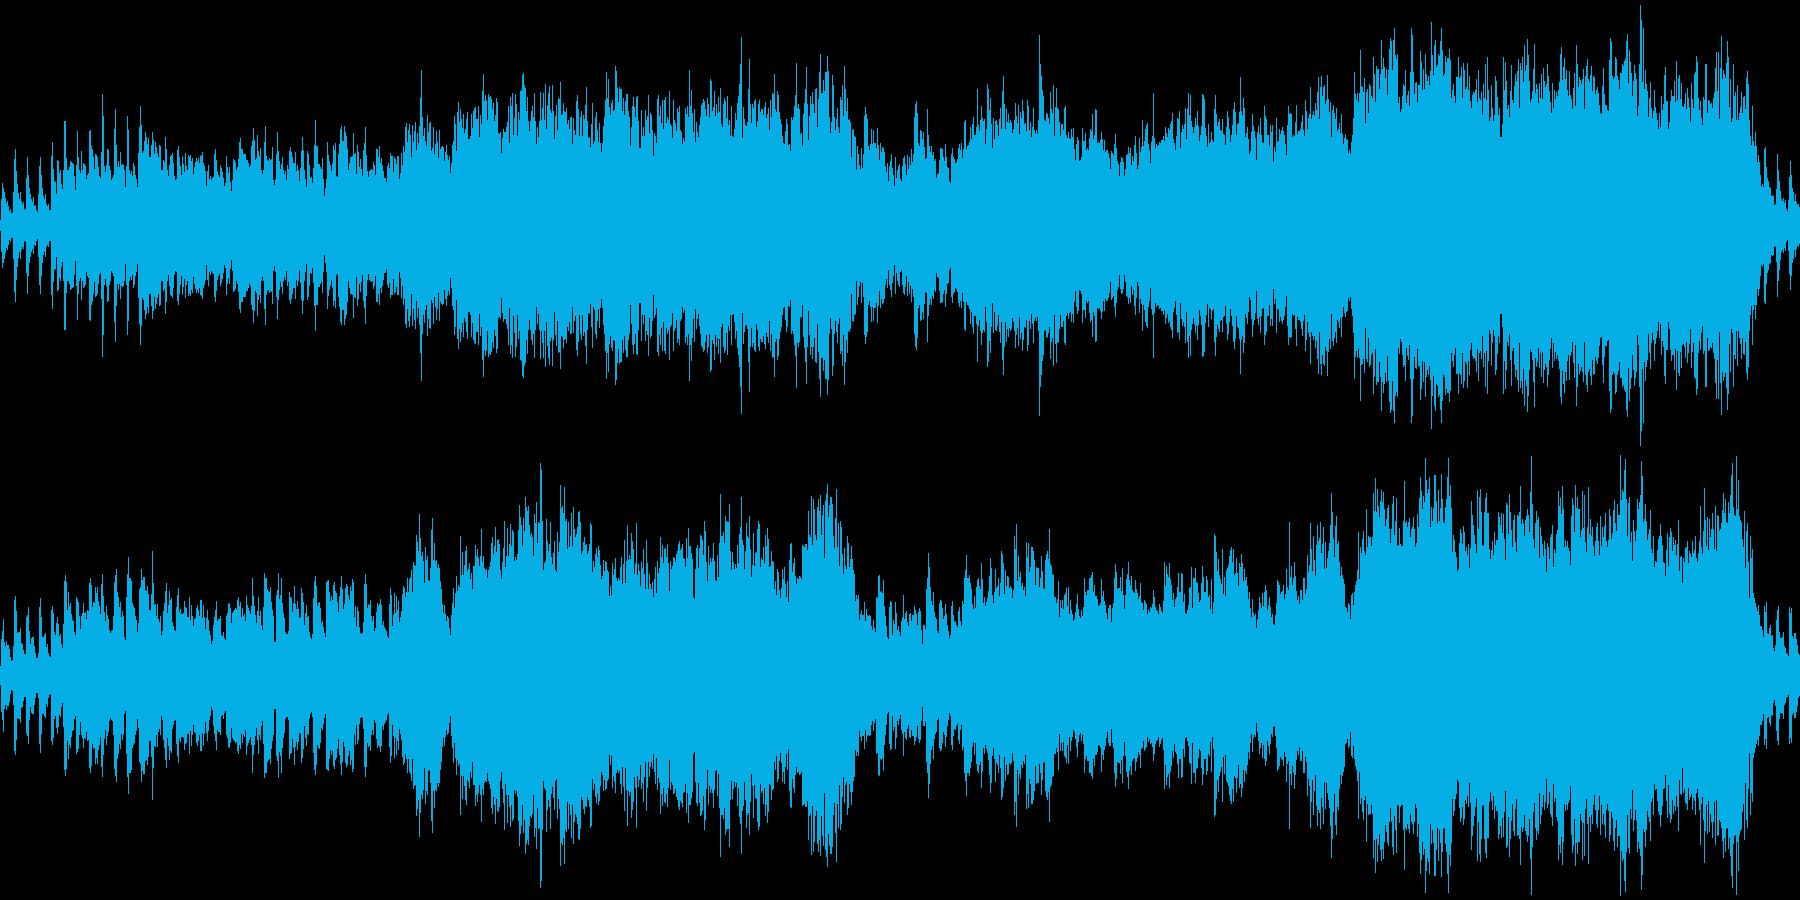 ストリングスとハープ、厳正な雰囲気の再生済みの波形